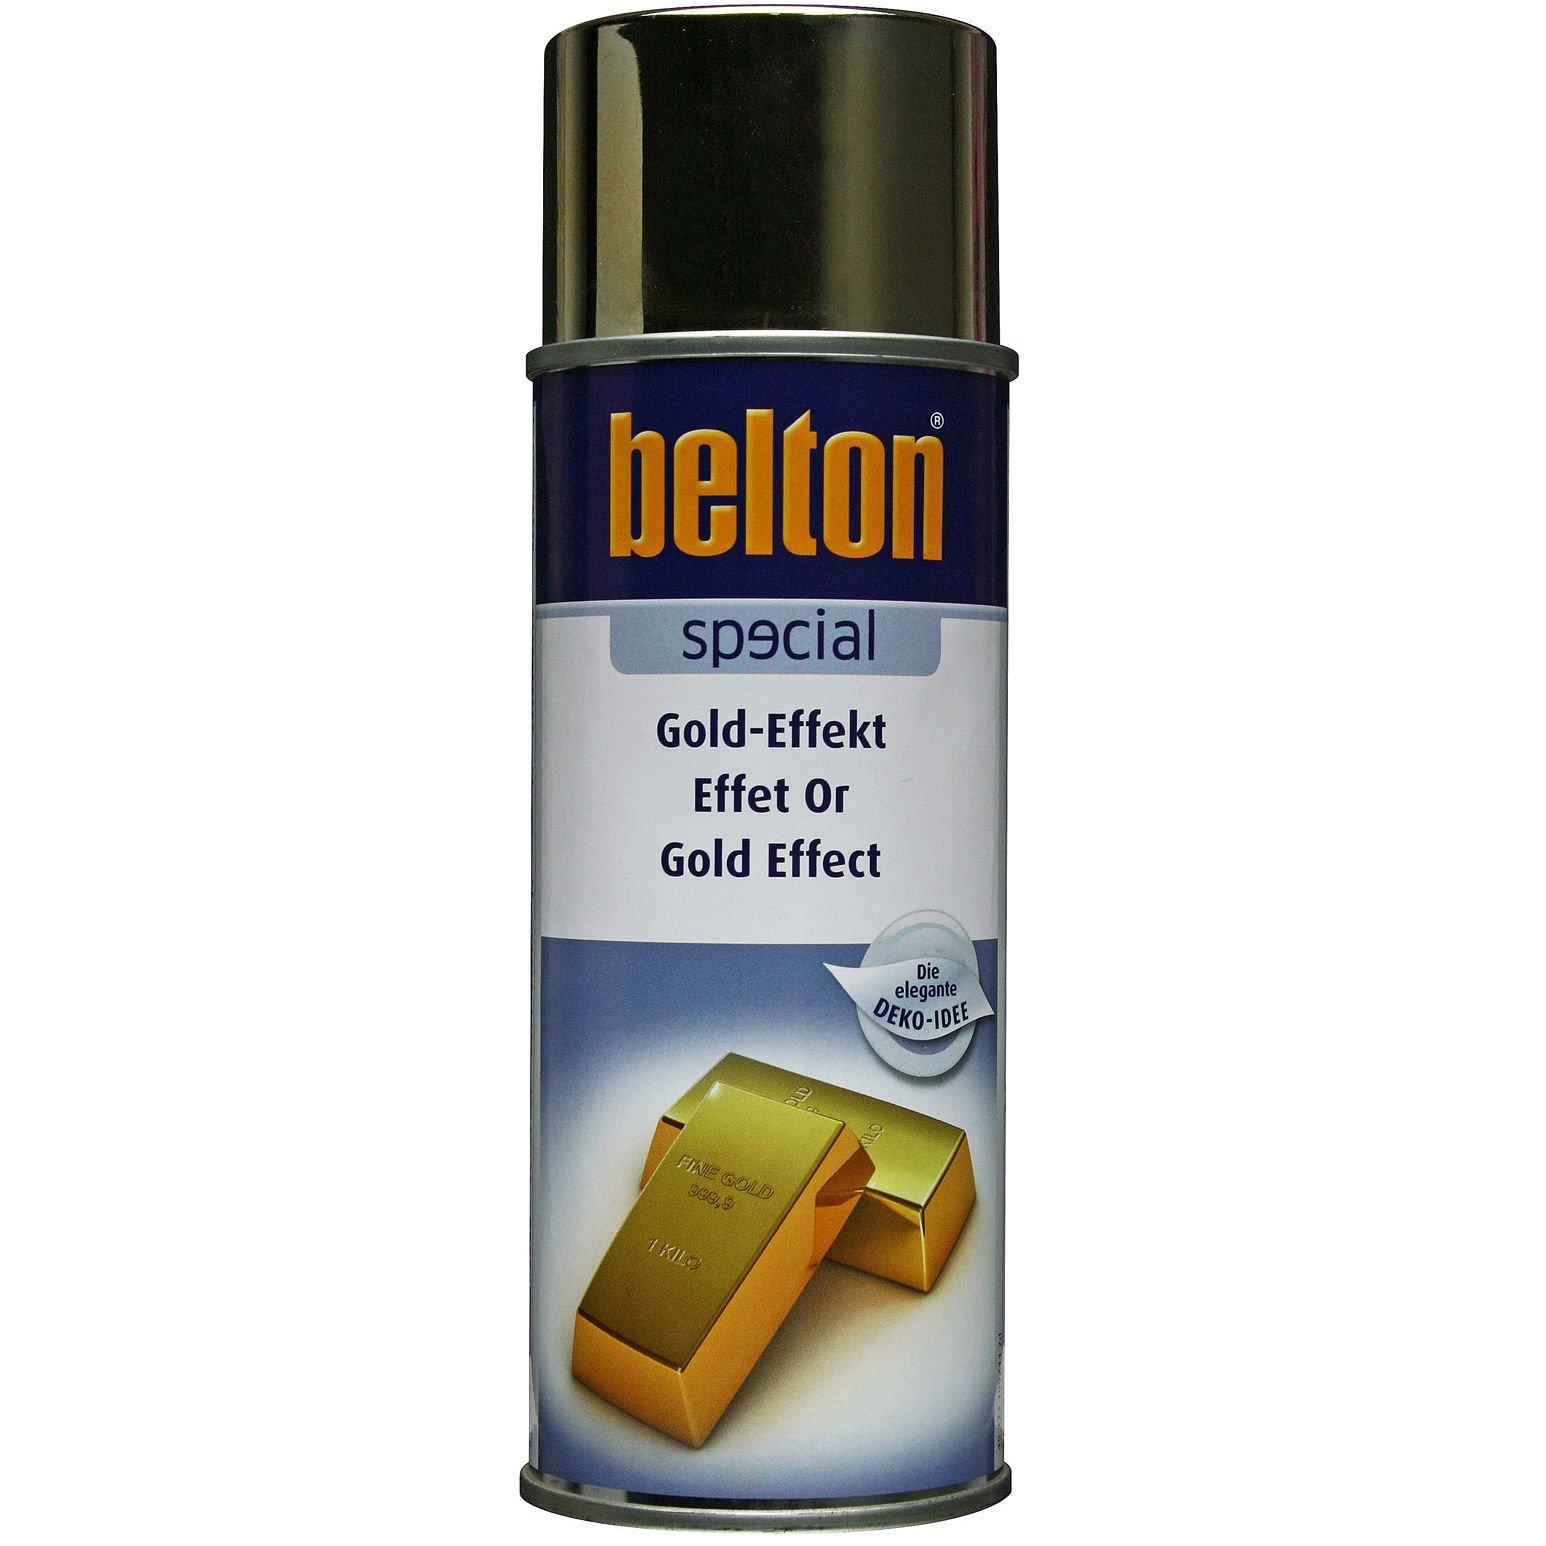 Belton effektspray med guldeffekt